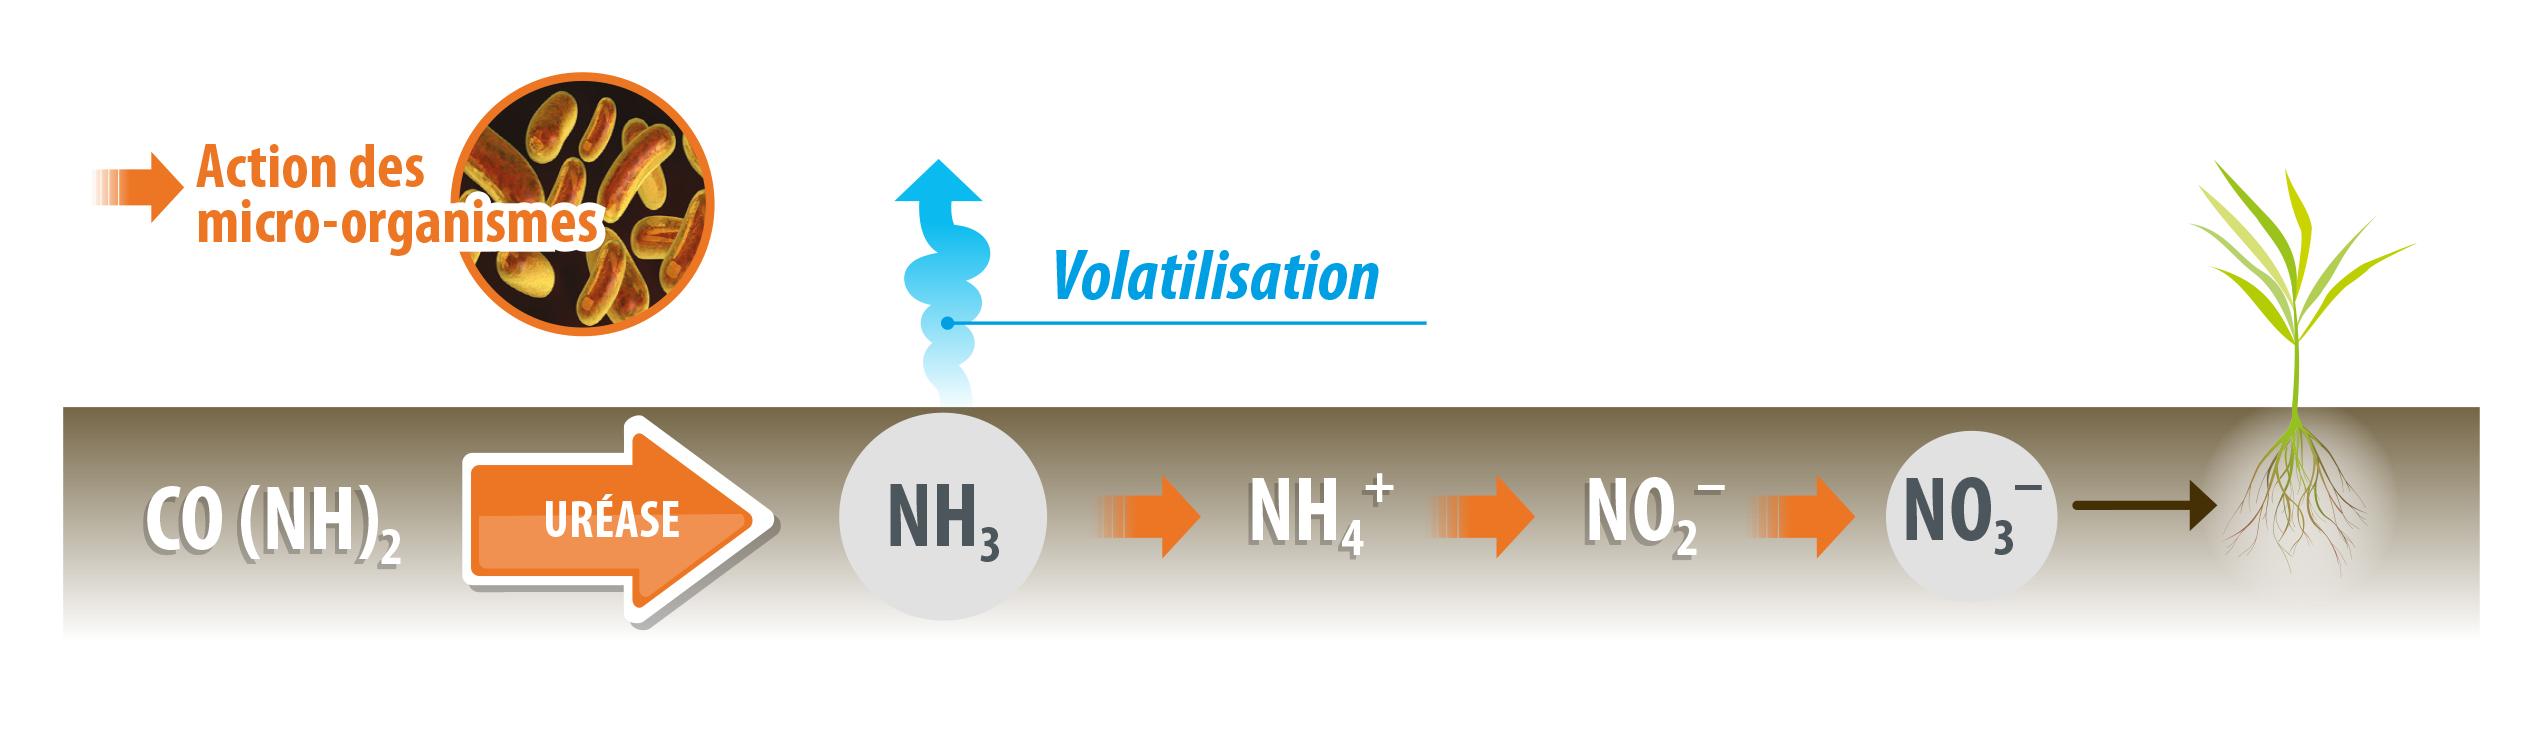 Schéma de volatilisation lorsqu'il n'y a pas d'inhibition de l'uréase